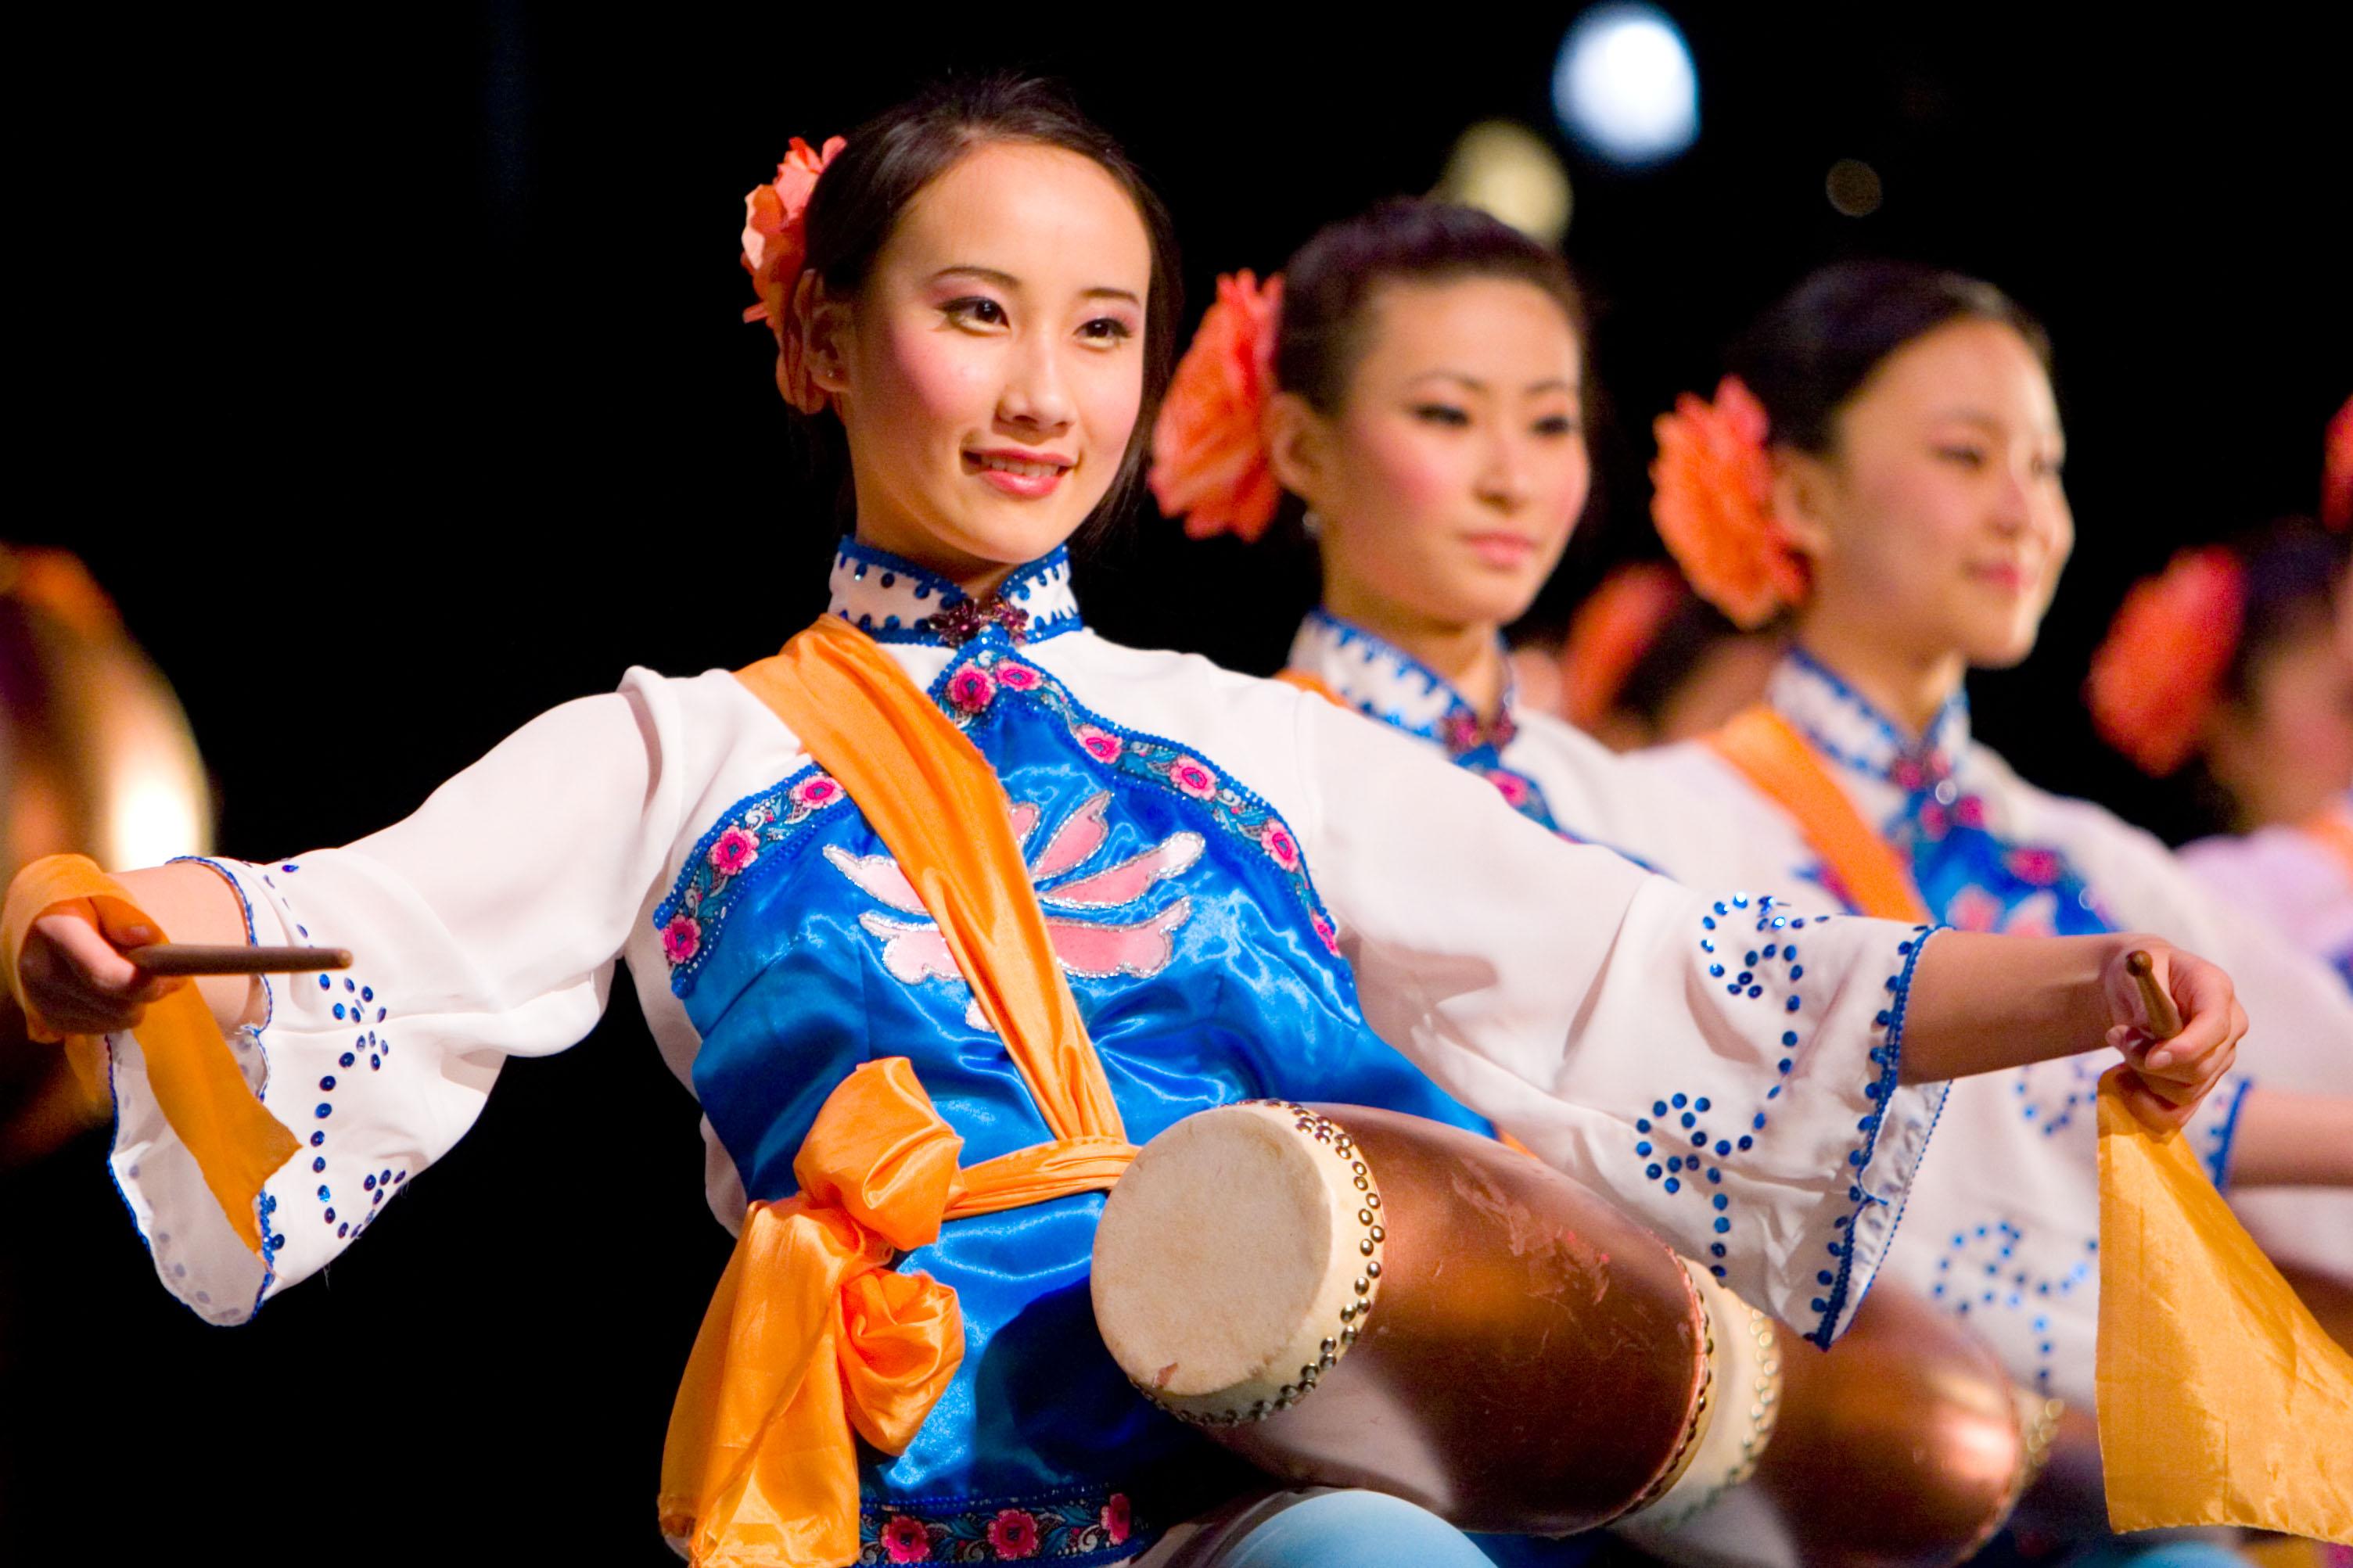 Die chinesische Musik tendiert zu einem freien Stil